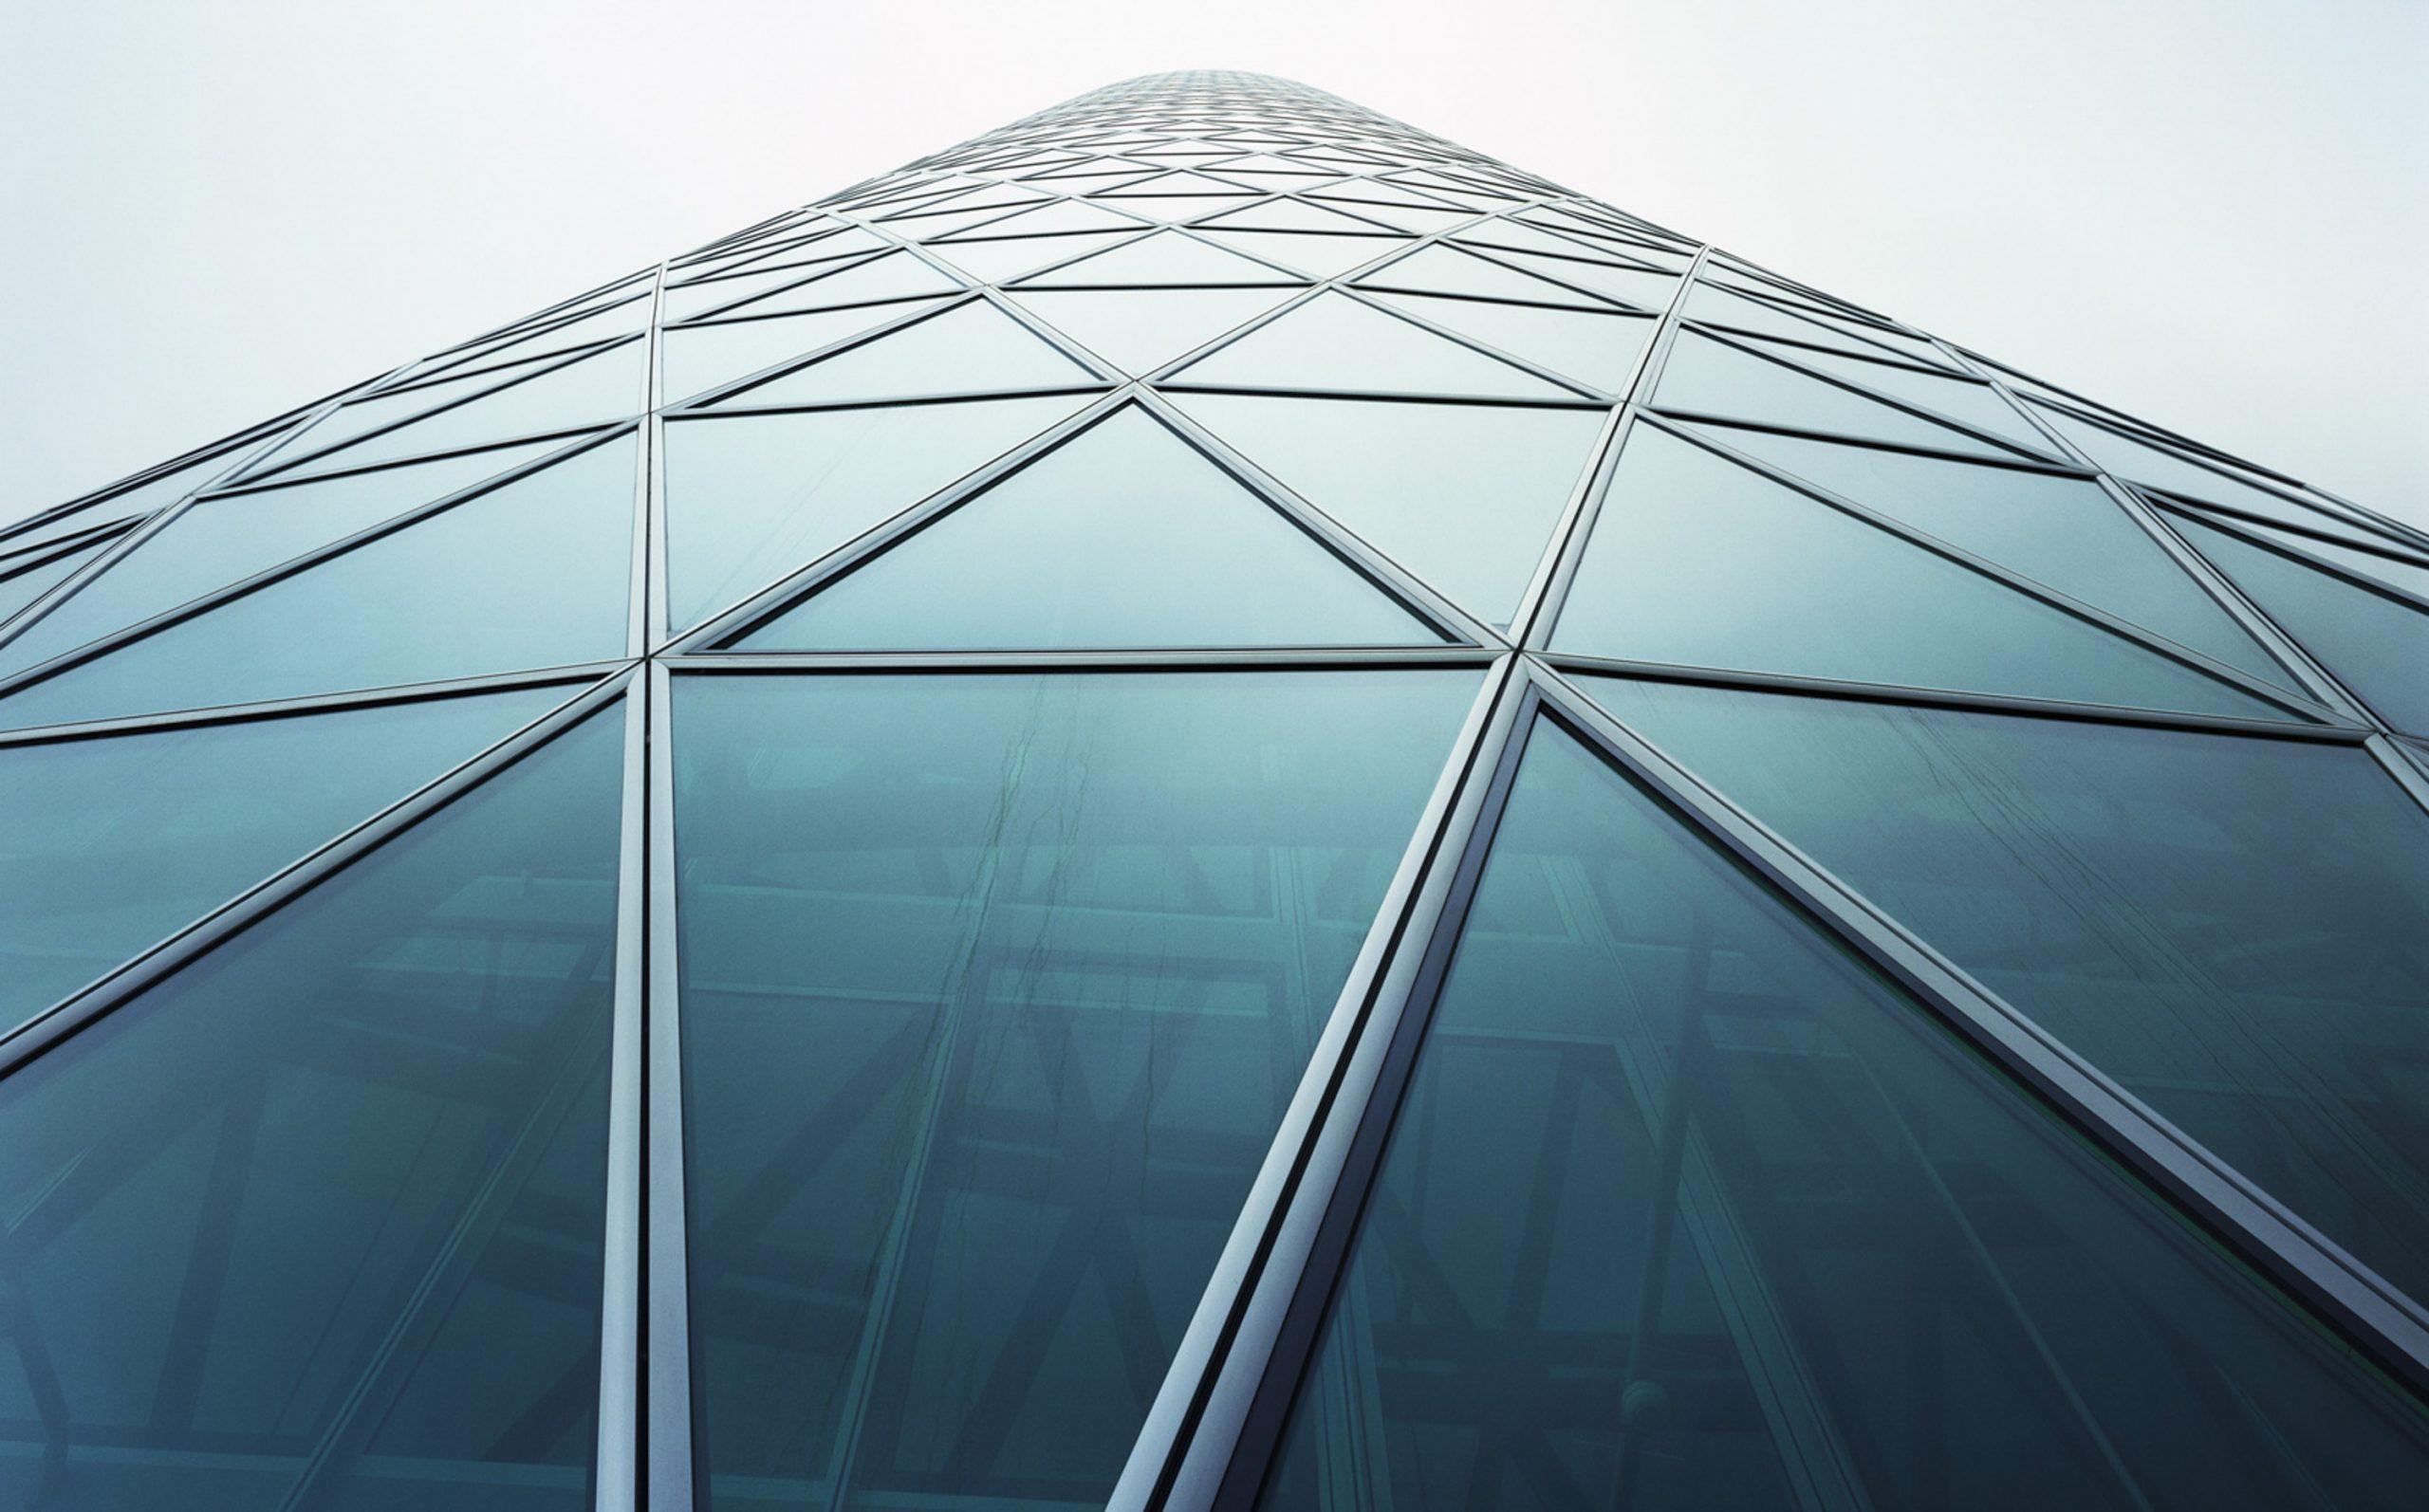 Fotografie von Hochhaus mit dreieckigen Fenstern